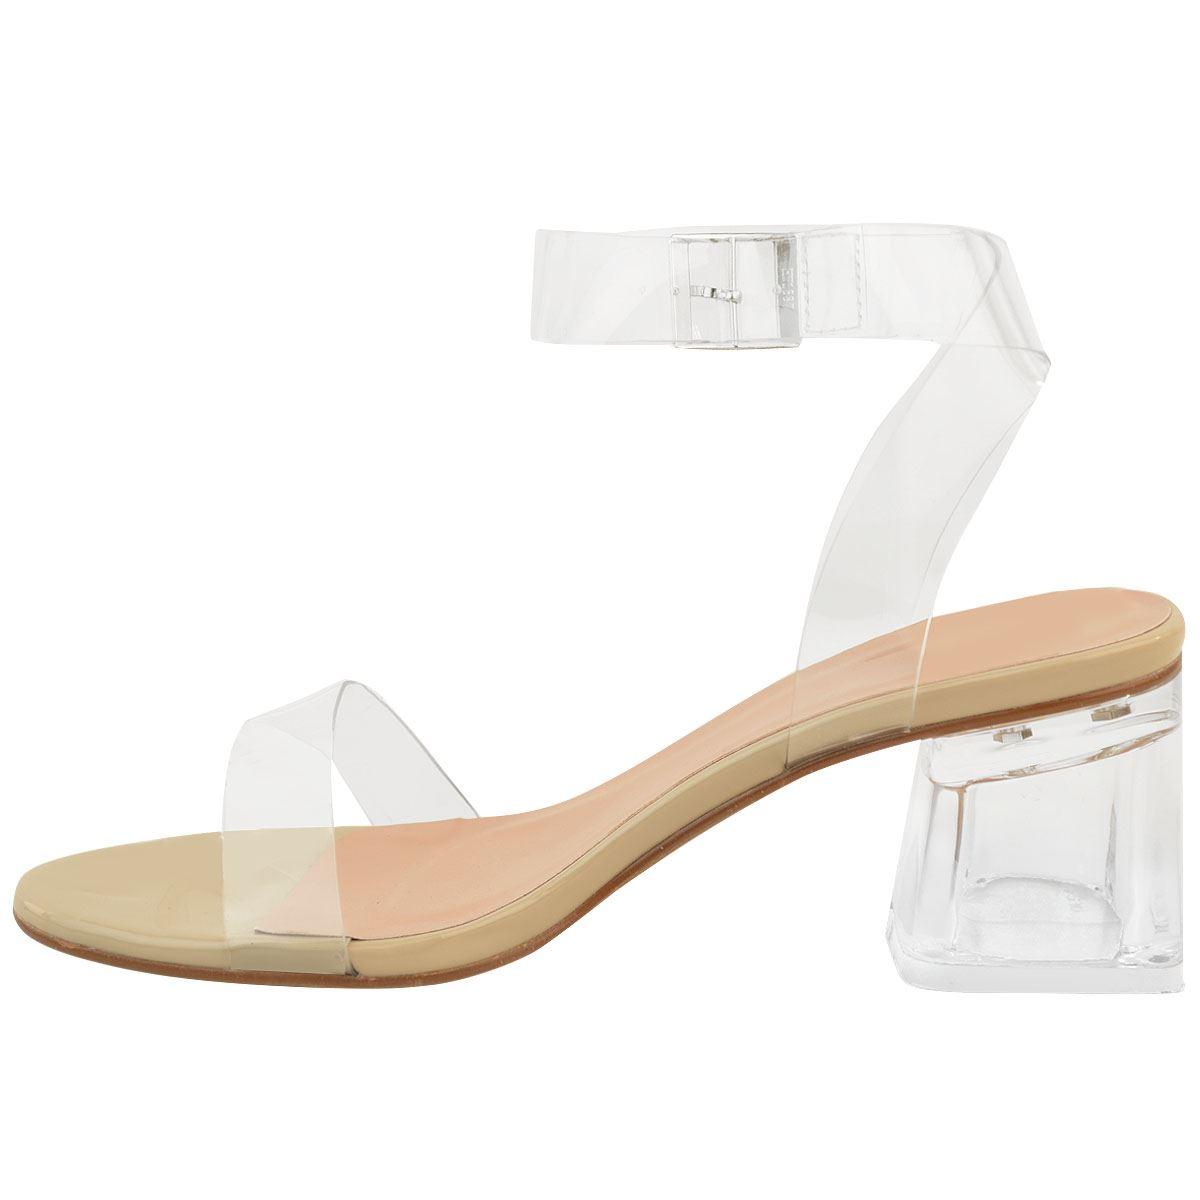 Bikini Nude Sandals Low Heel Pic